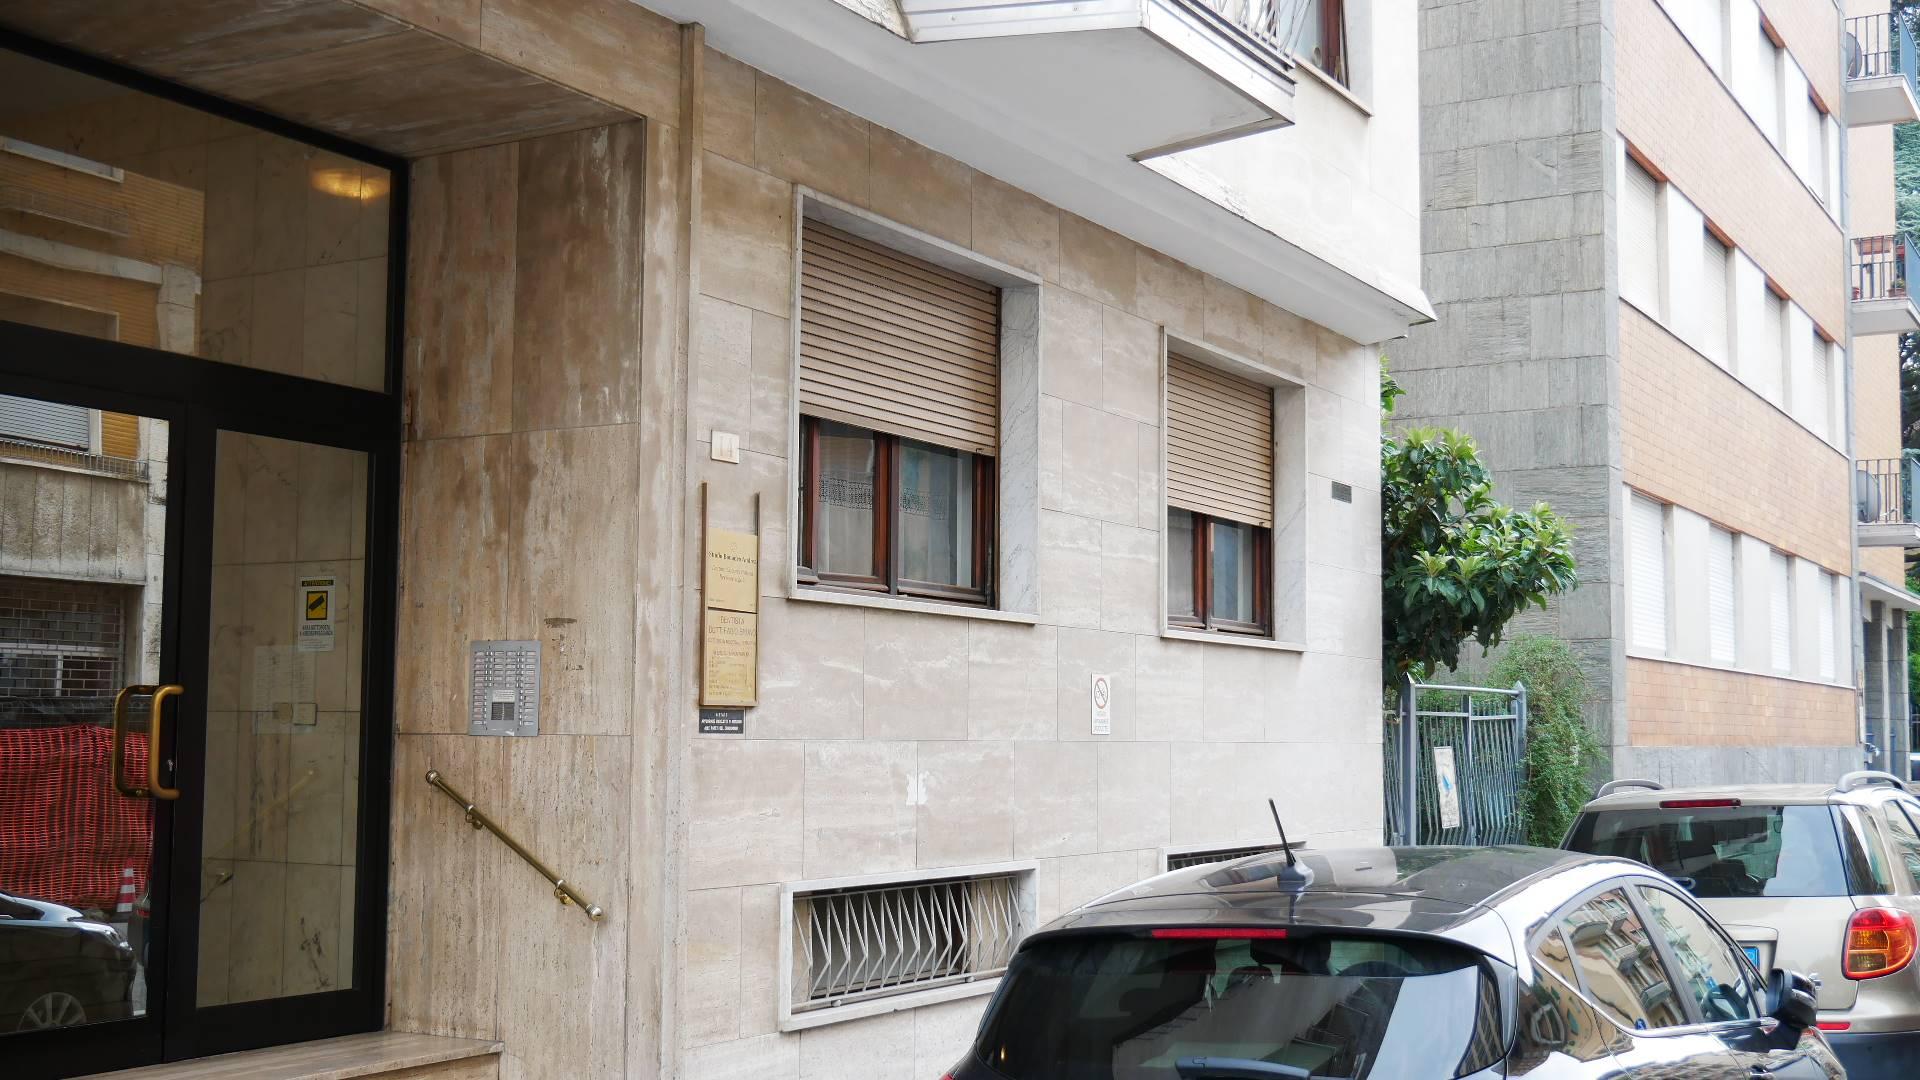 Appartamento in vendita a Novi Ligure, 4 locali, zona Località: GIARDINI, prezzo € 68.000 | PortaleAgenzieImmobiliari.it